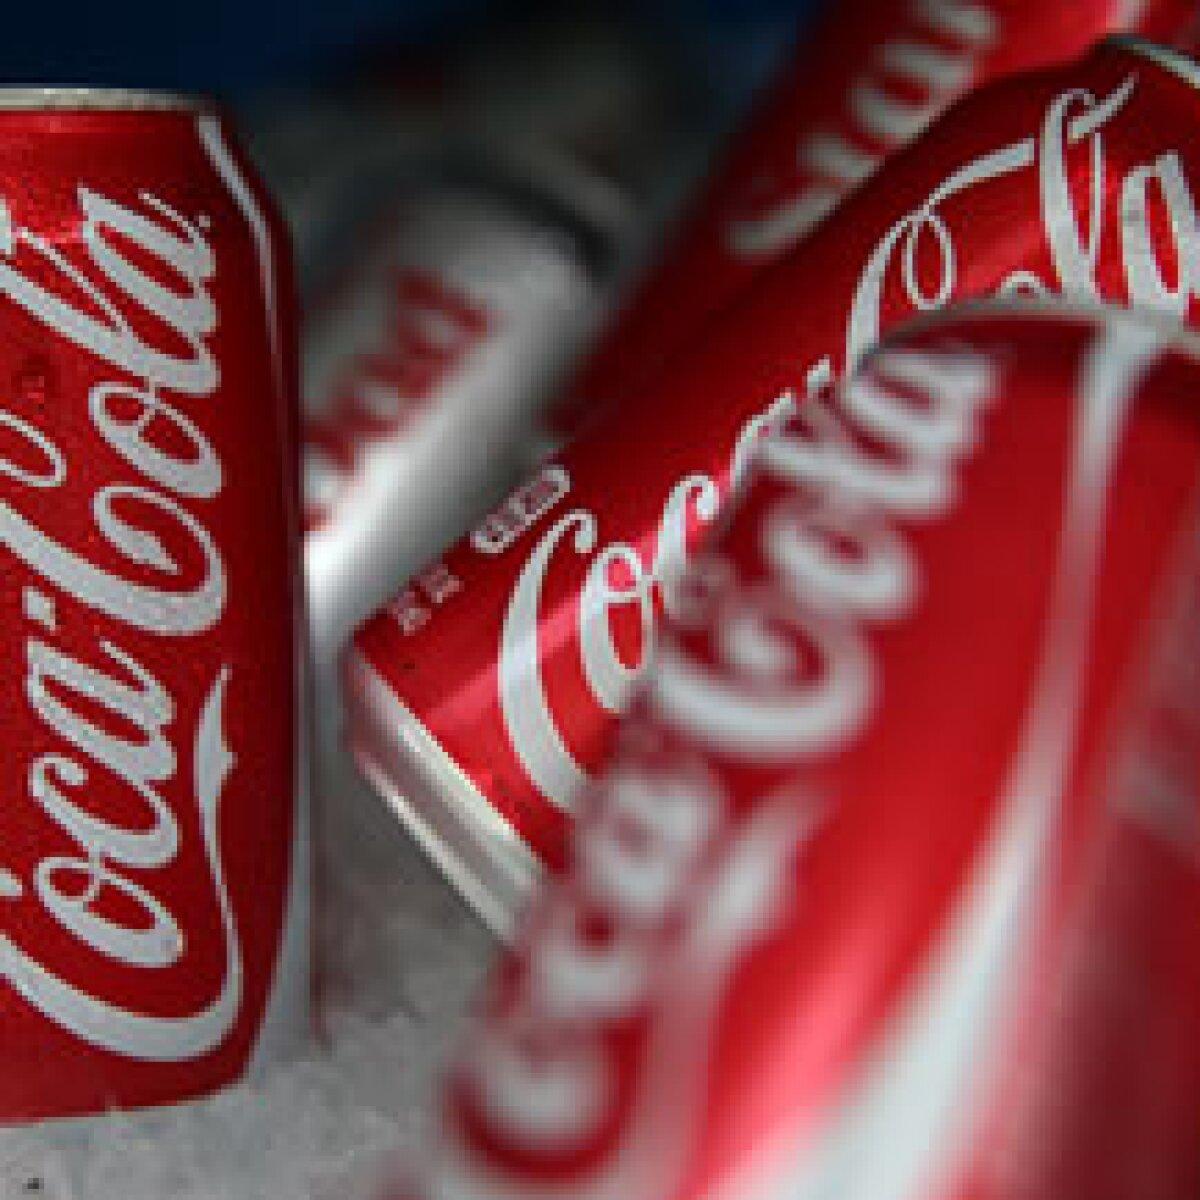 Coca mitiga impuesto a refresco con latas personalizadas